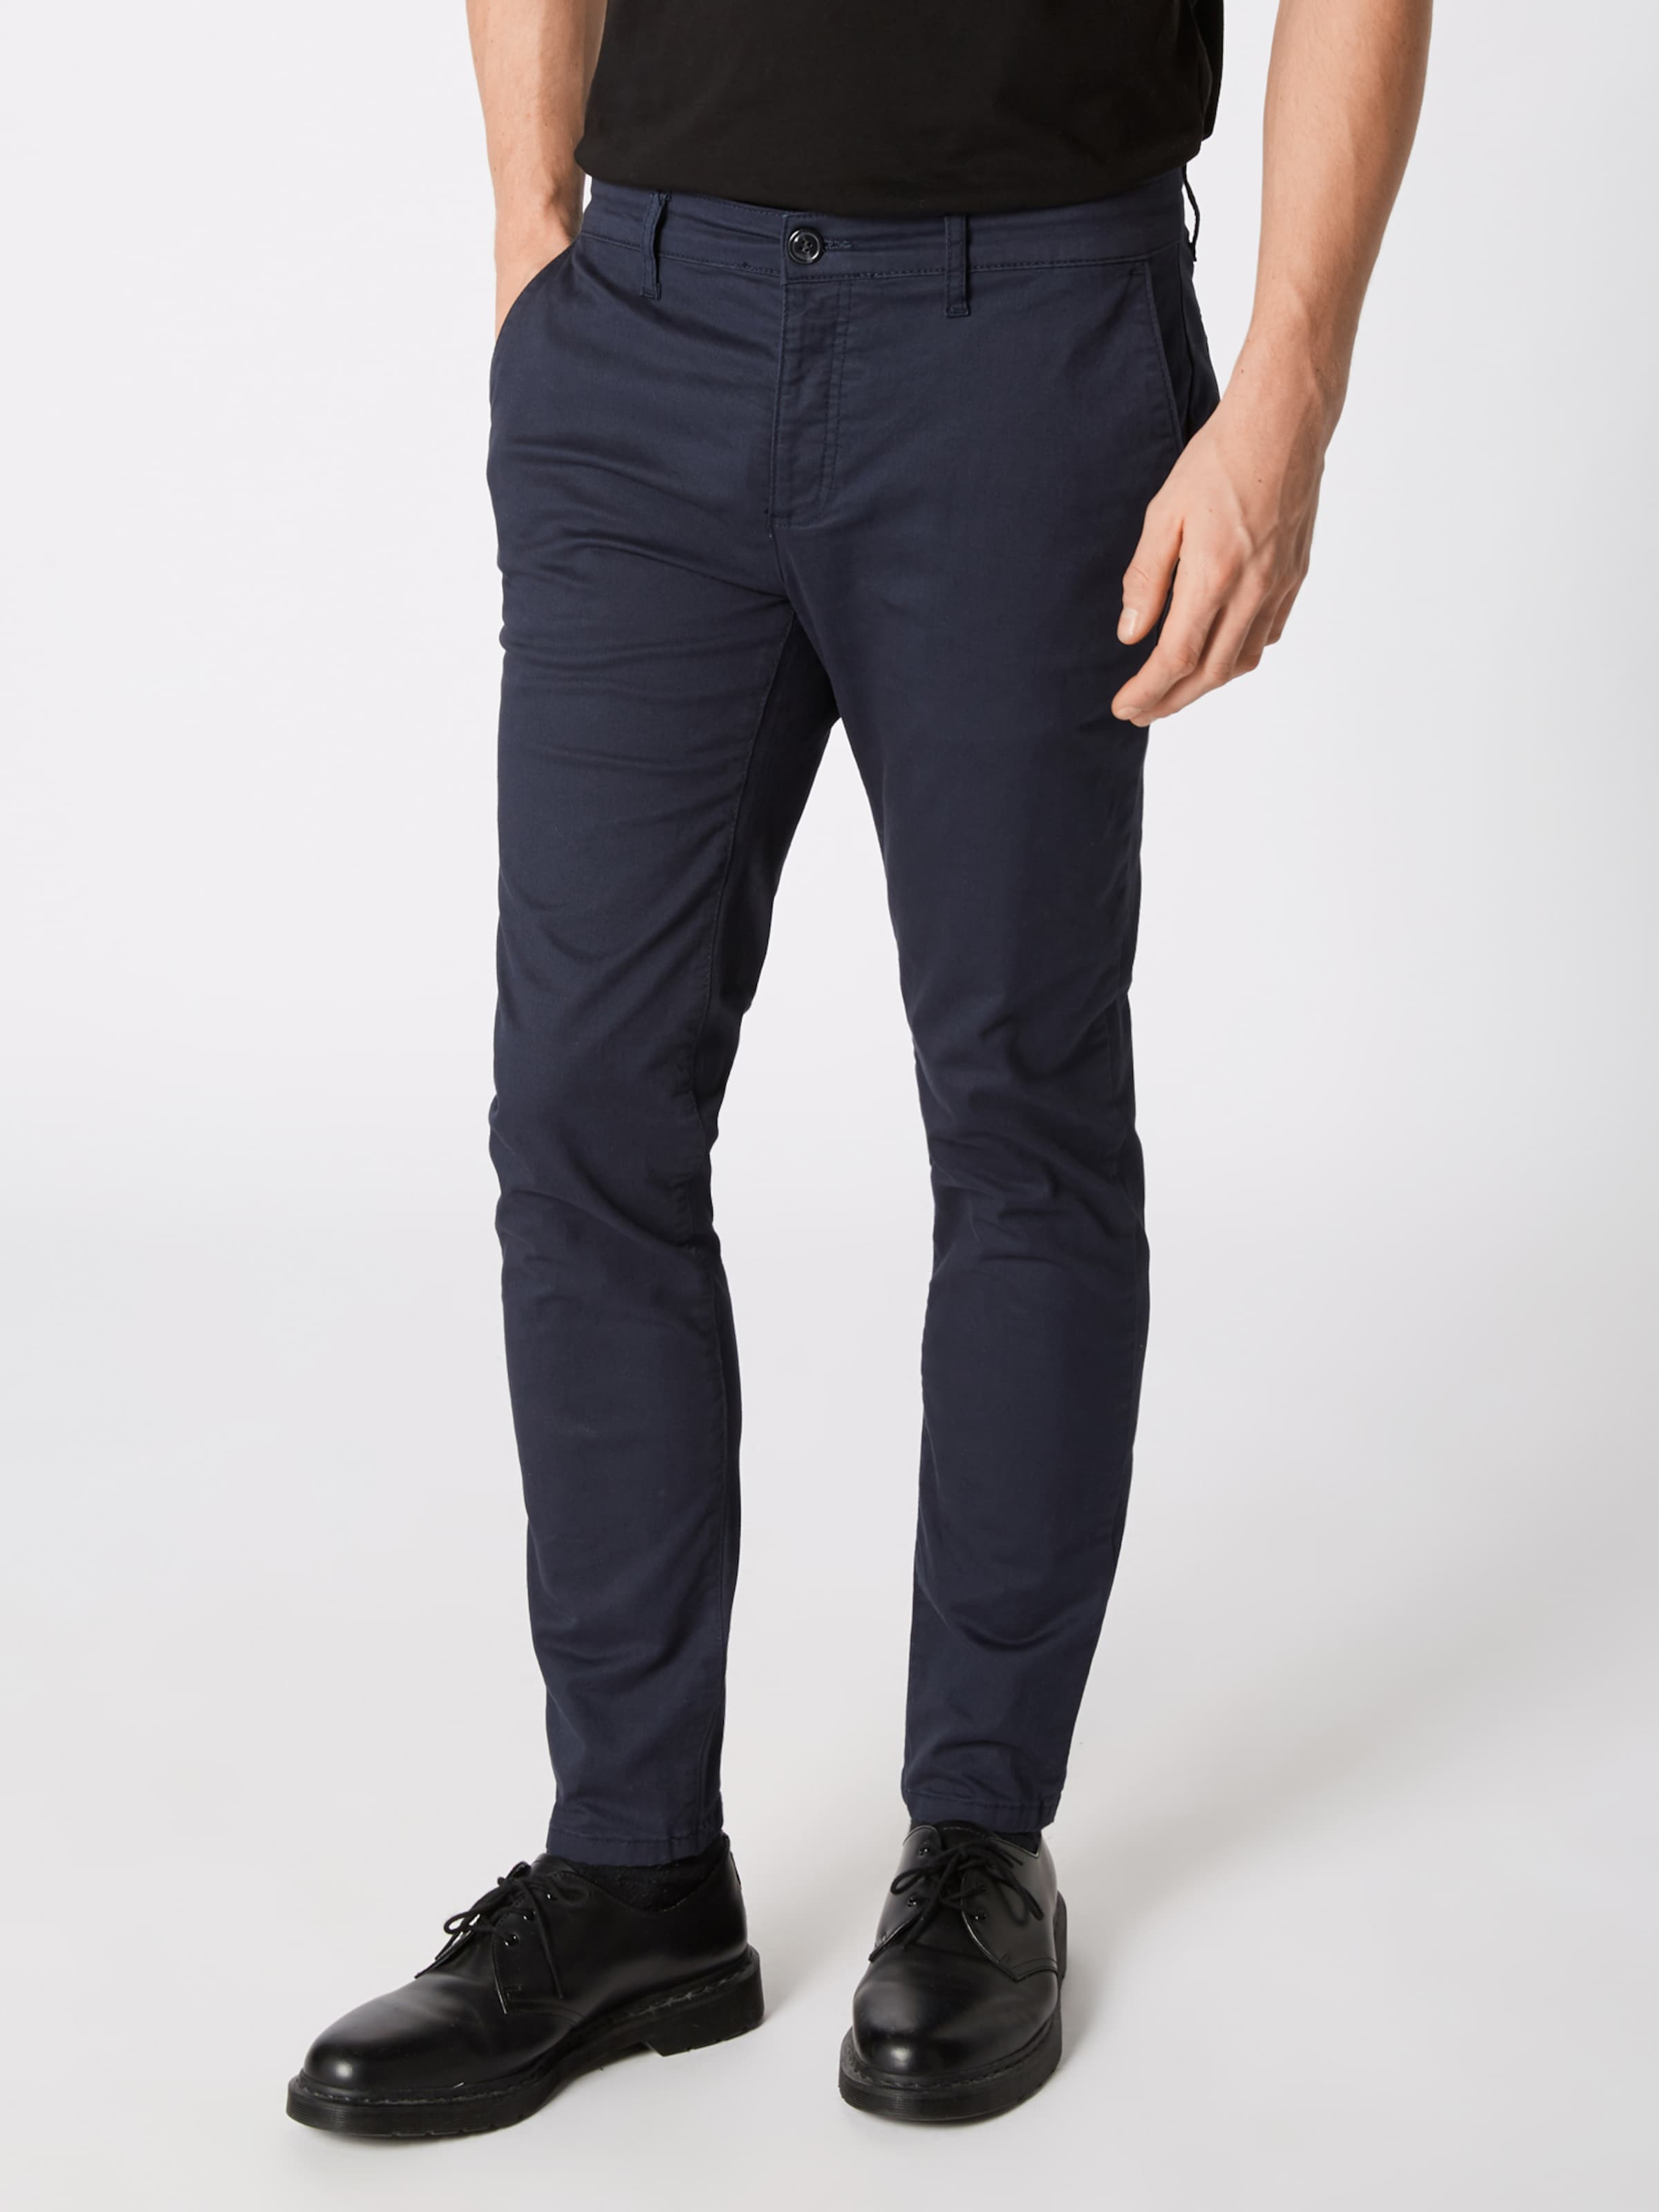 One Pantalon Foncé En Pier Chino Bleu PZkiuOTX